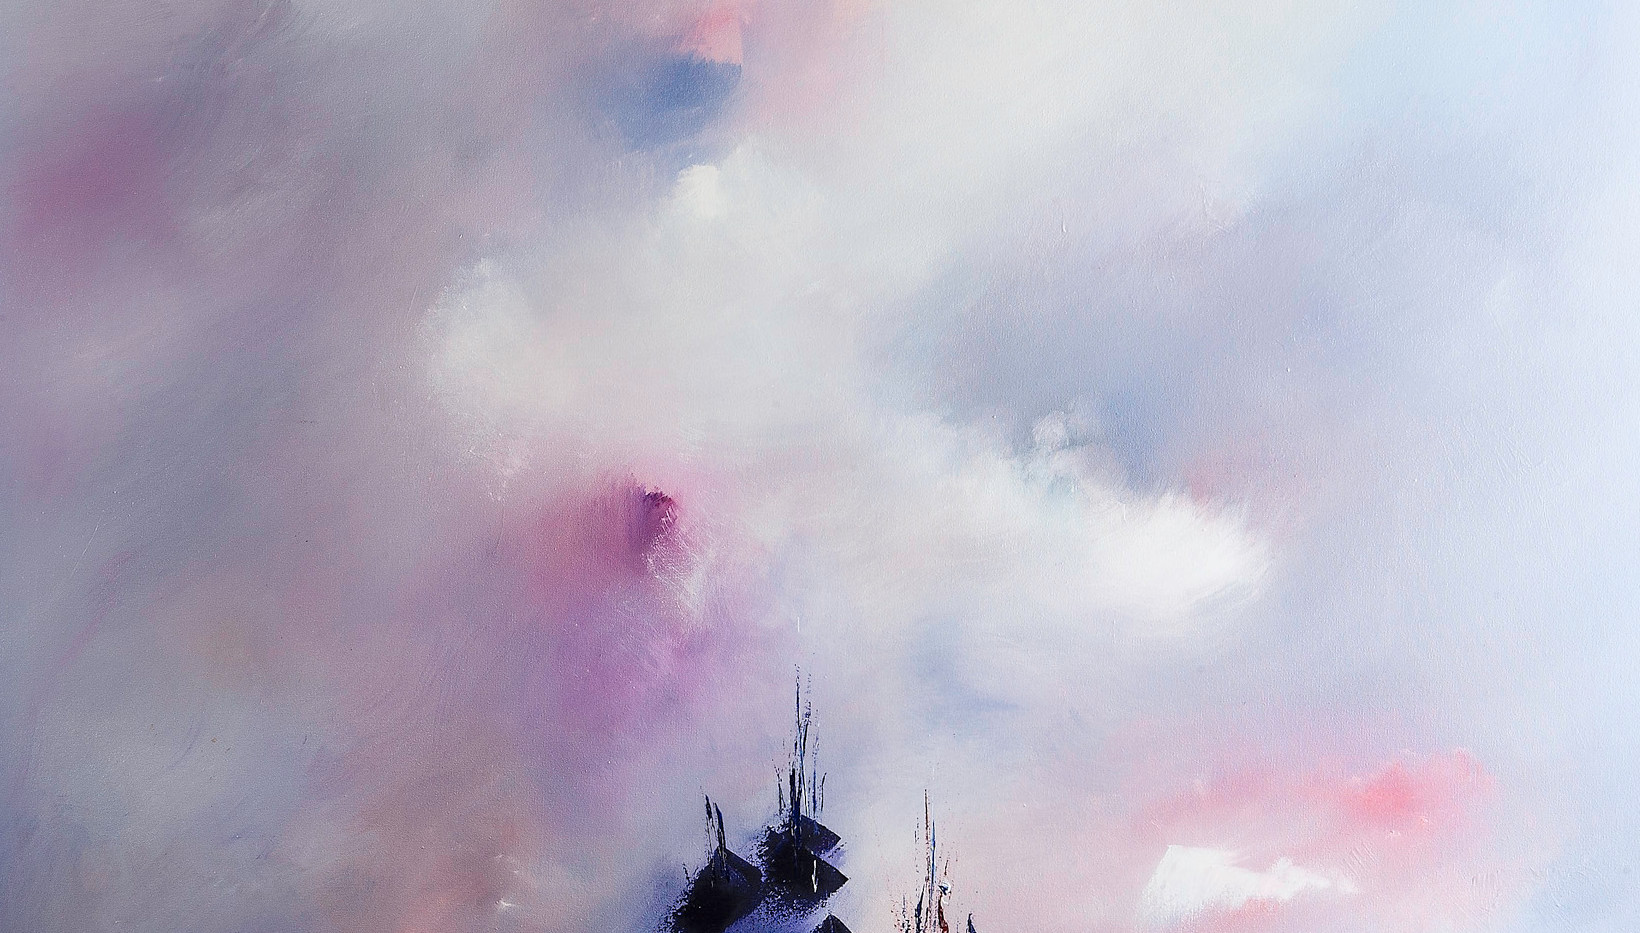 Viaje místico óleo sobre lienzo 160 x 110 cm